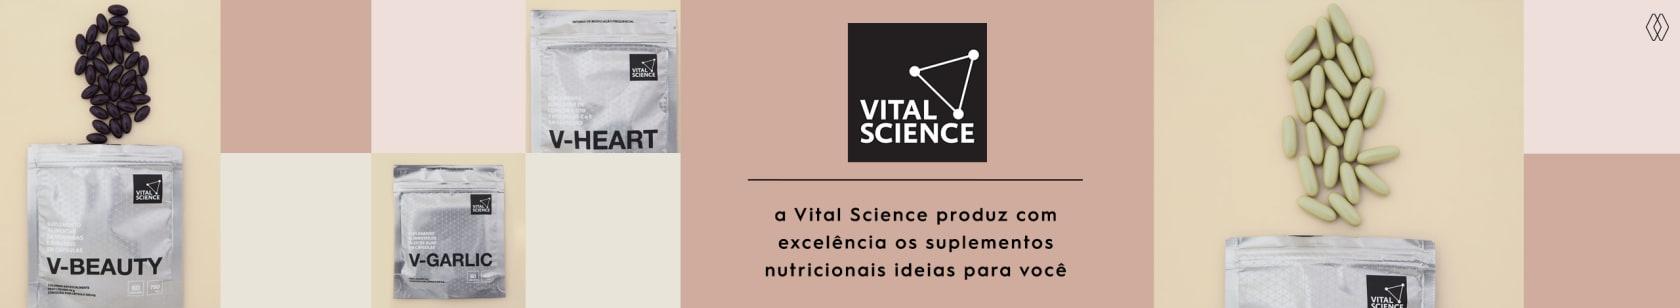 VITAL SCIENCE | AMARO